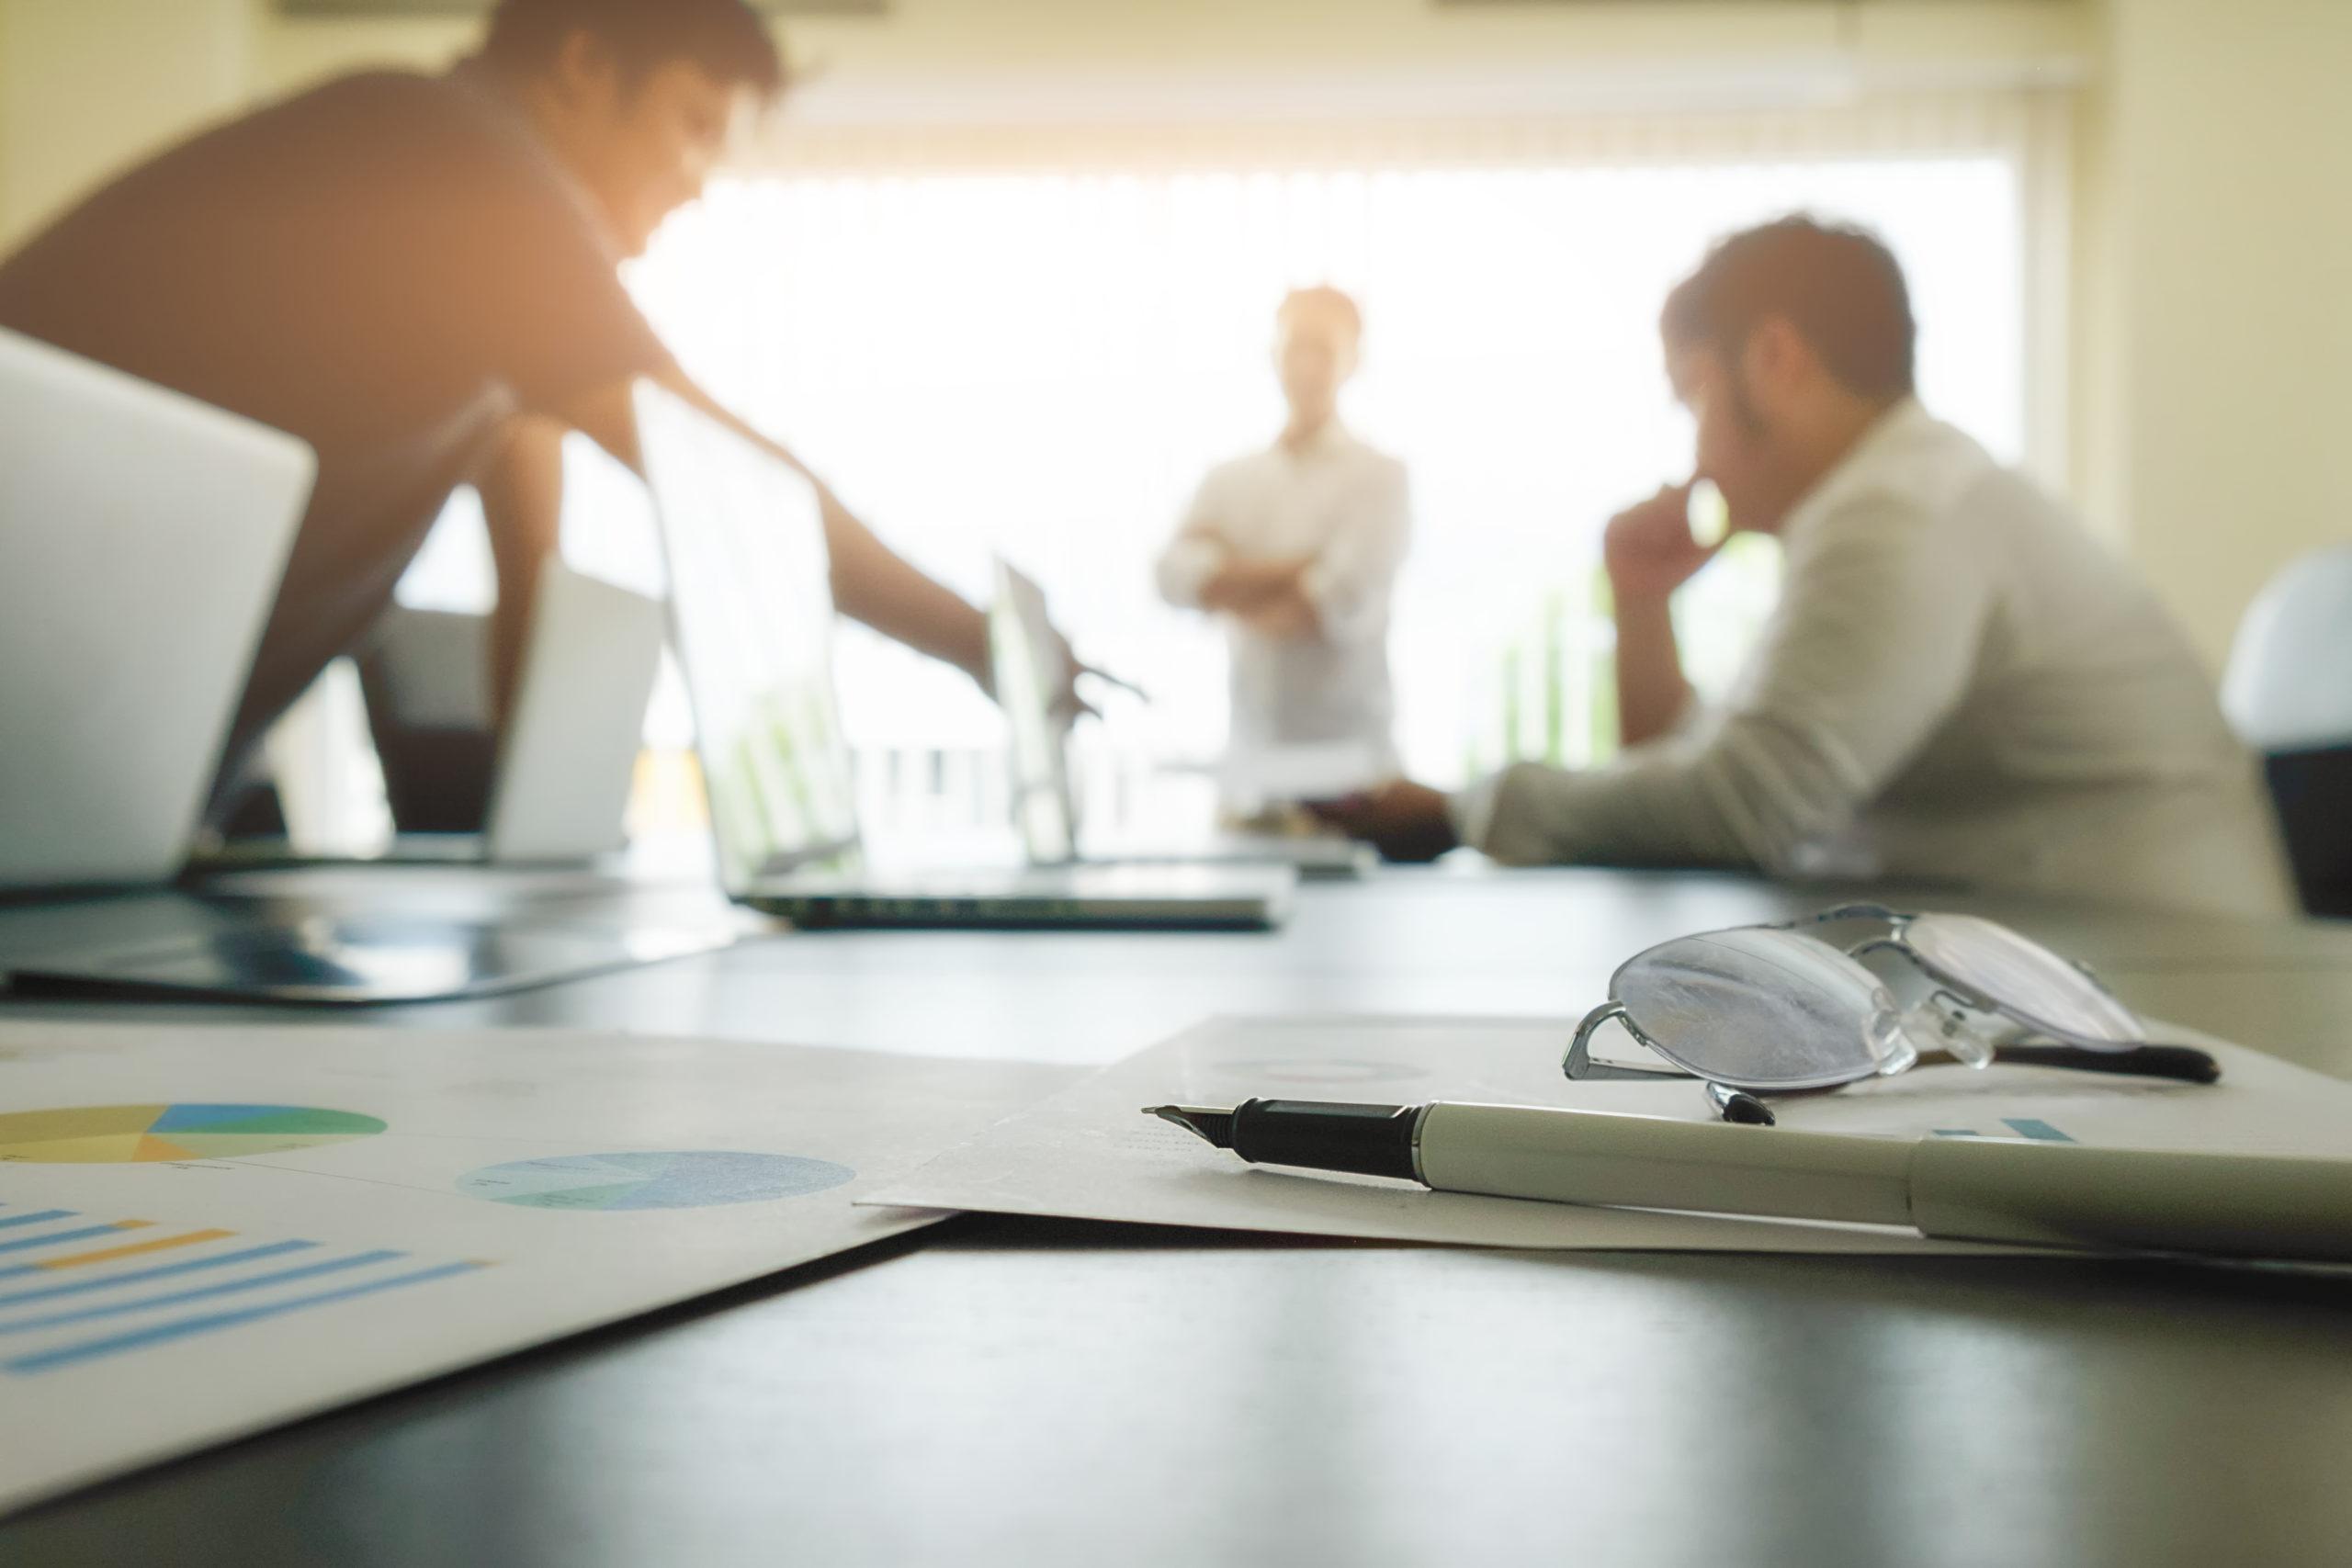 Jenfi- Để tối ưu lợi nhuận CEO cần cân nhắc cắt giảm 7 chi phí này